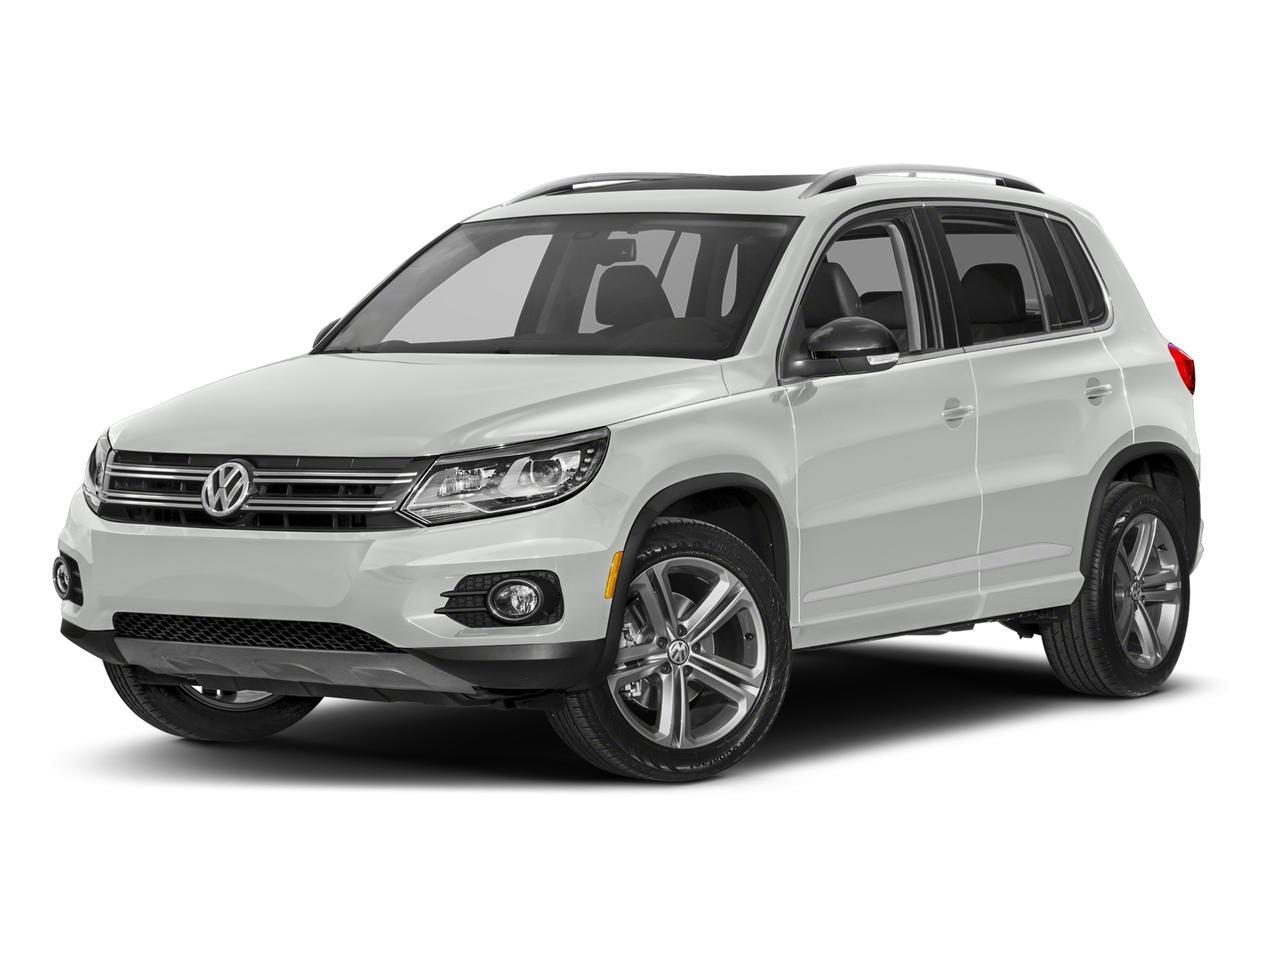 2017 Volkswagen Tiguan Vehicle Photo in Temple, TX 76502